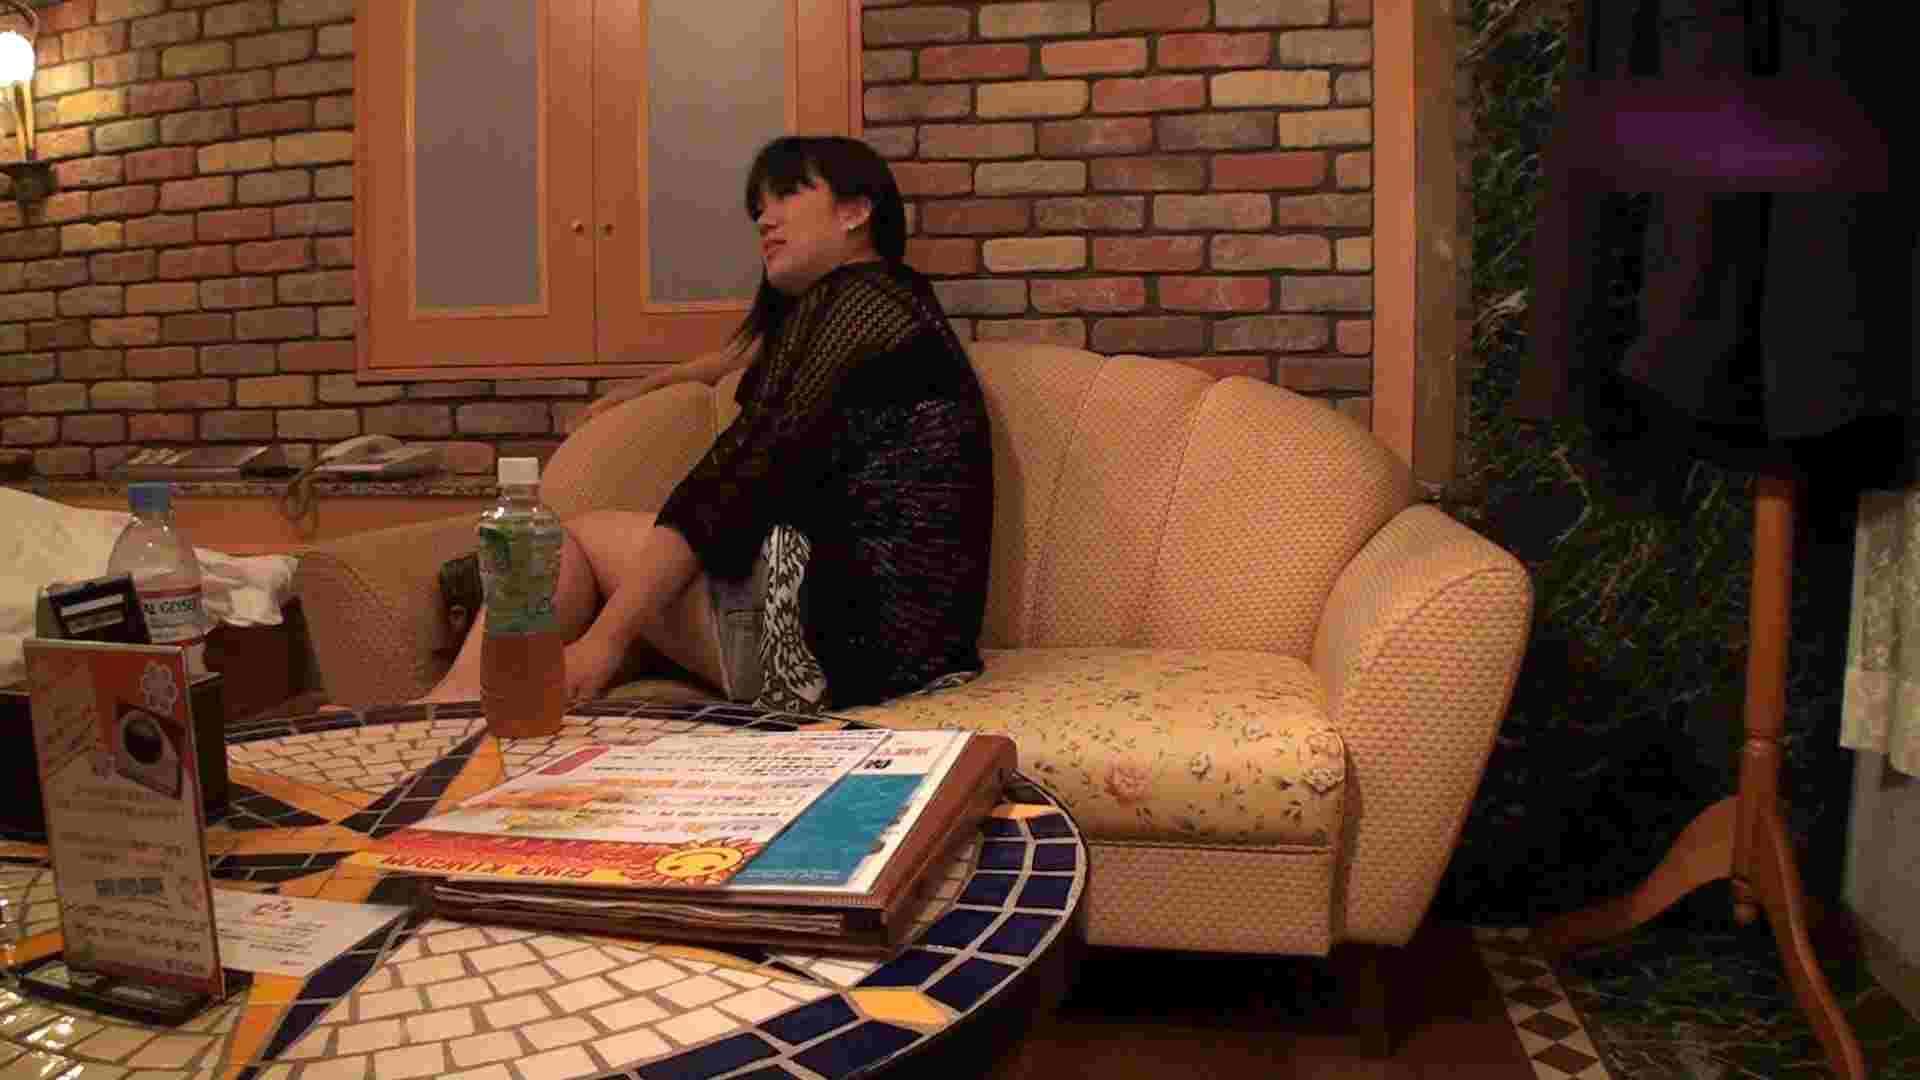 エロギャル!SEXパリピ! Vol.07 前編 OL女体 オマンコ無修正動画無料 75連発 2